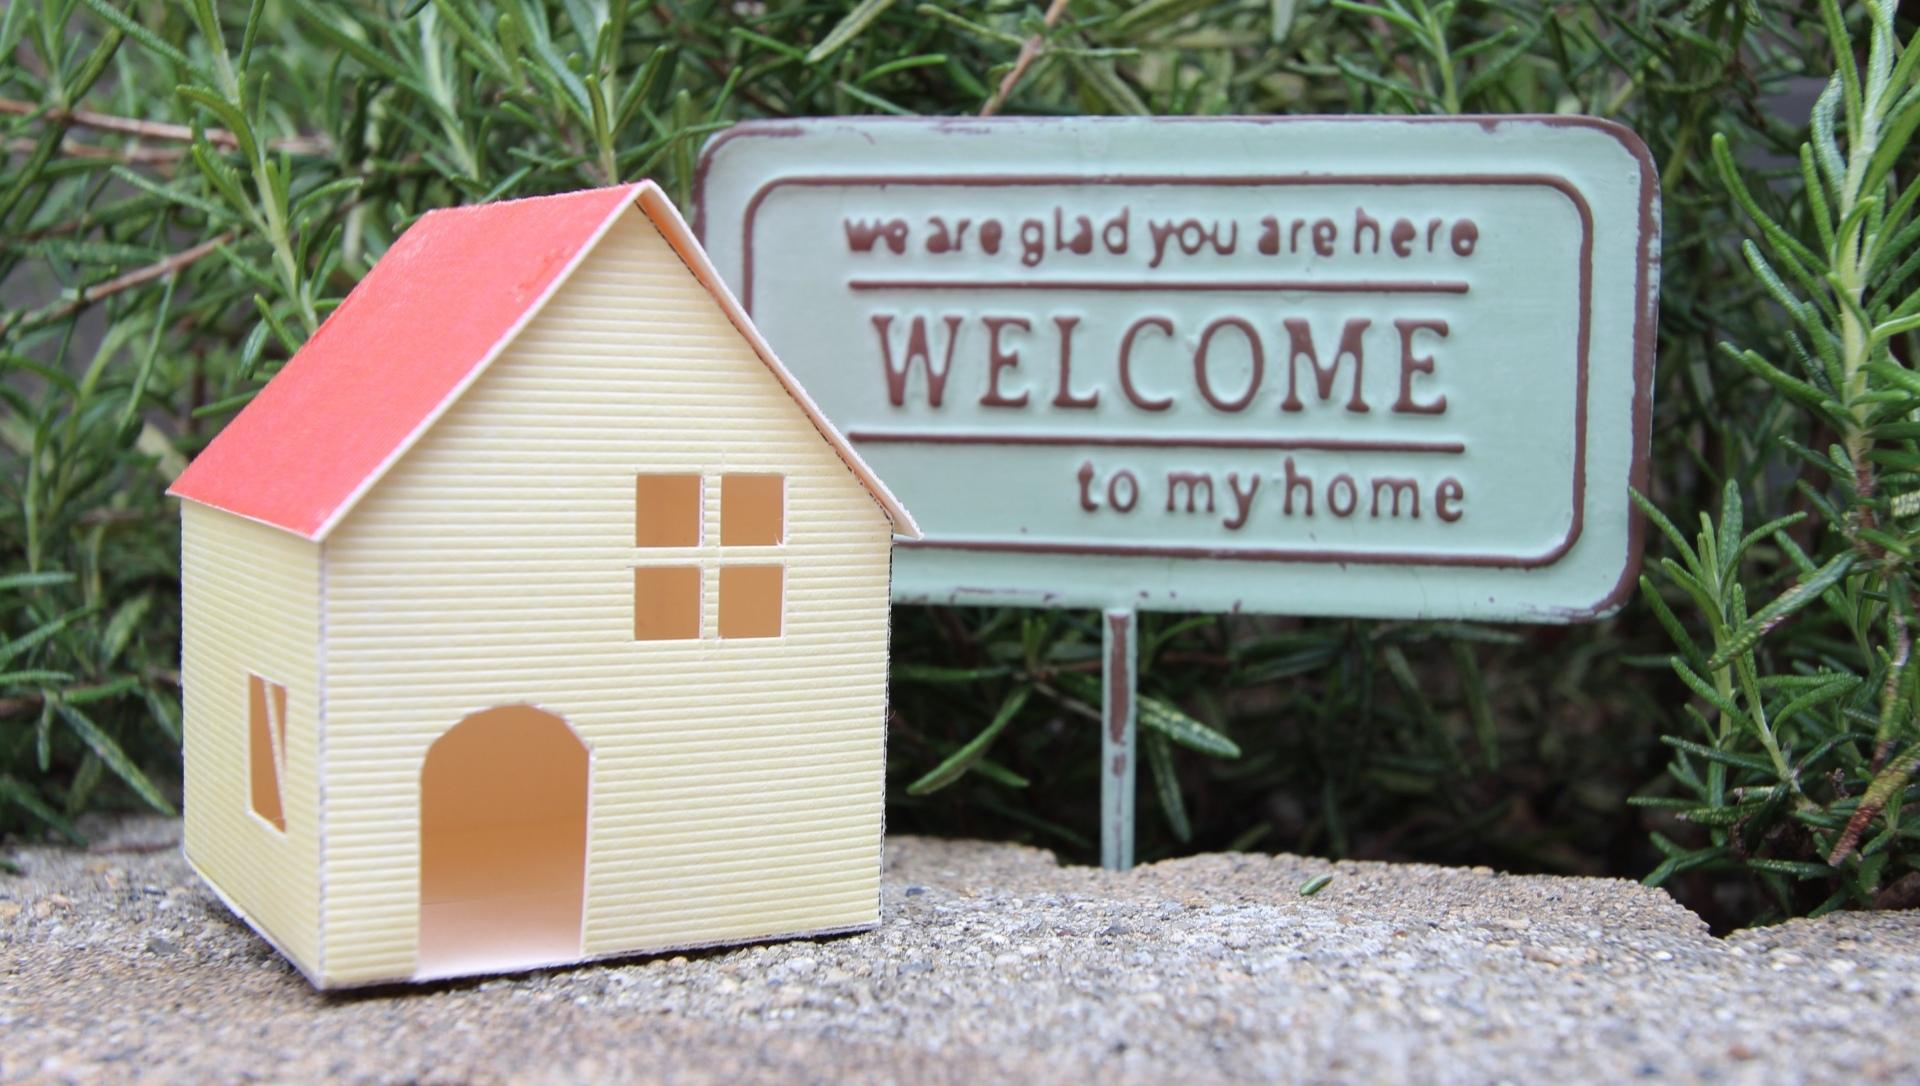 子ども支援NPOが自立援助ホームを開設した理由とは?-学習や食事の支援から安心できる「実家づくり」へ